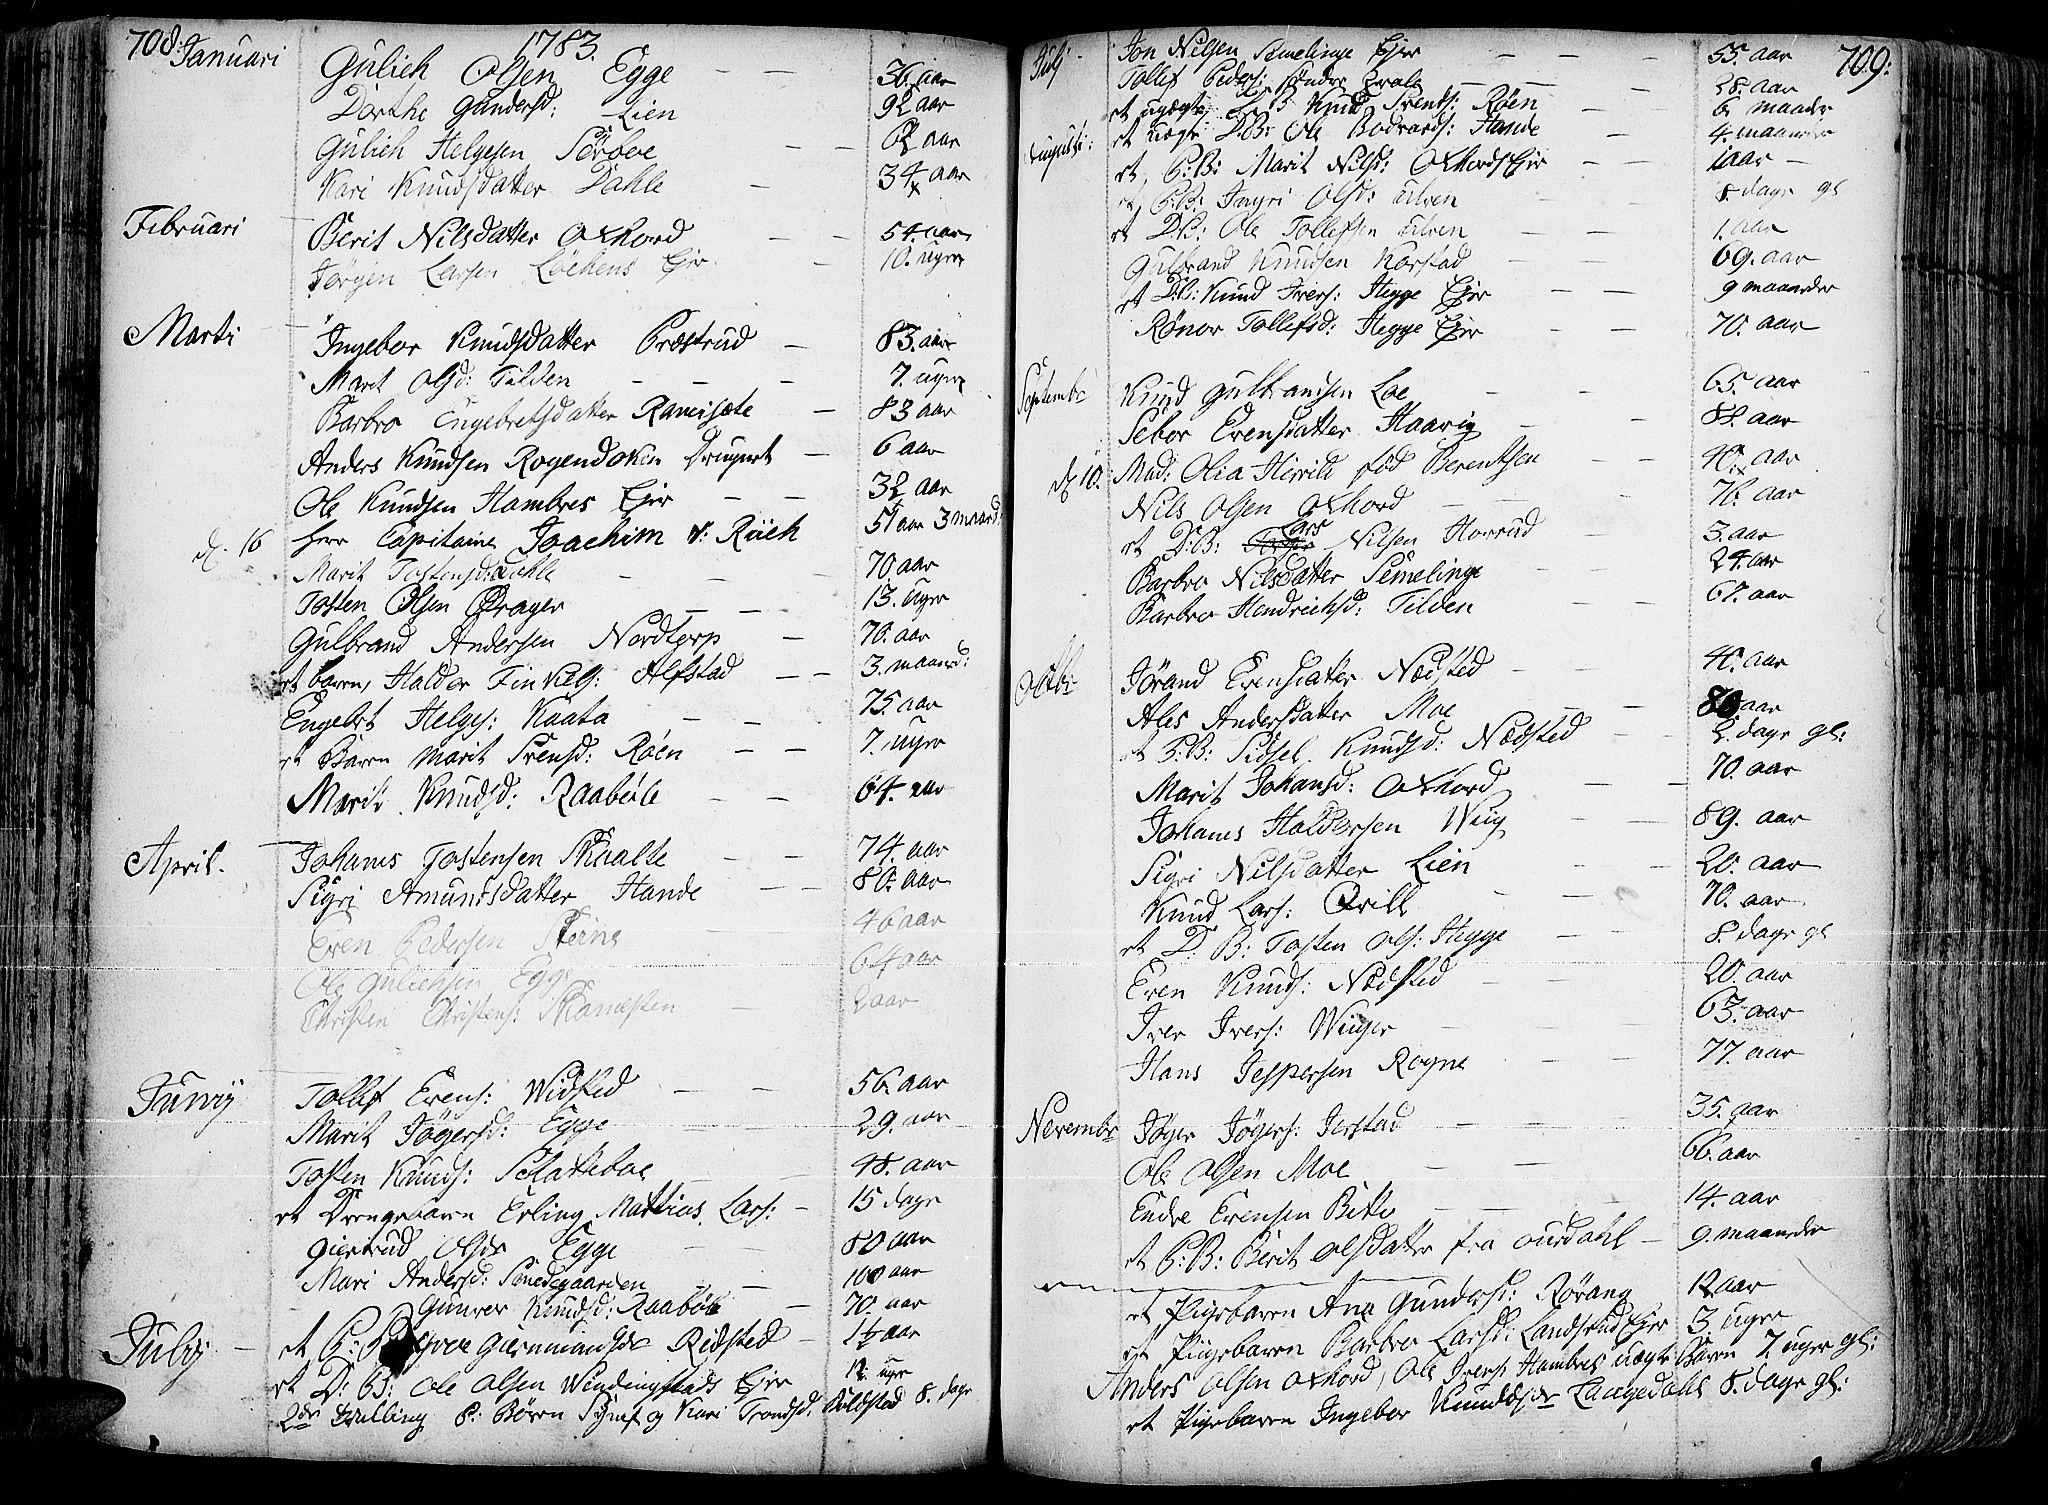 SAH, Slidre prestekontor, Ministerialbok nr. 1, 1724-1814, s. 708-709